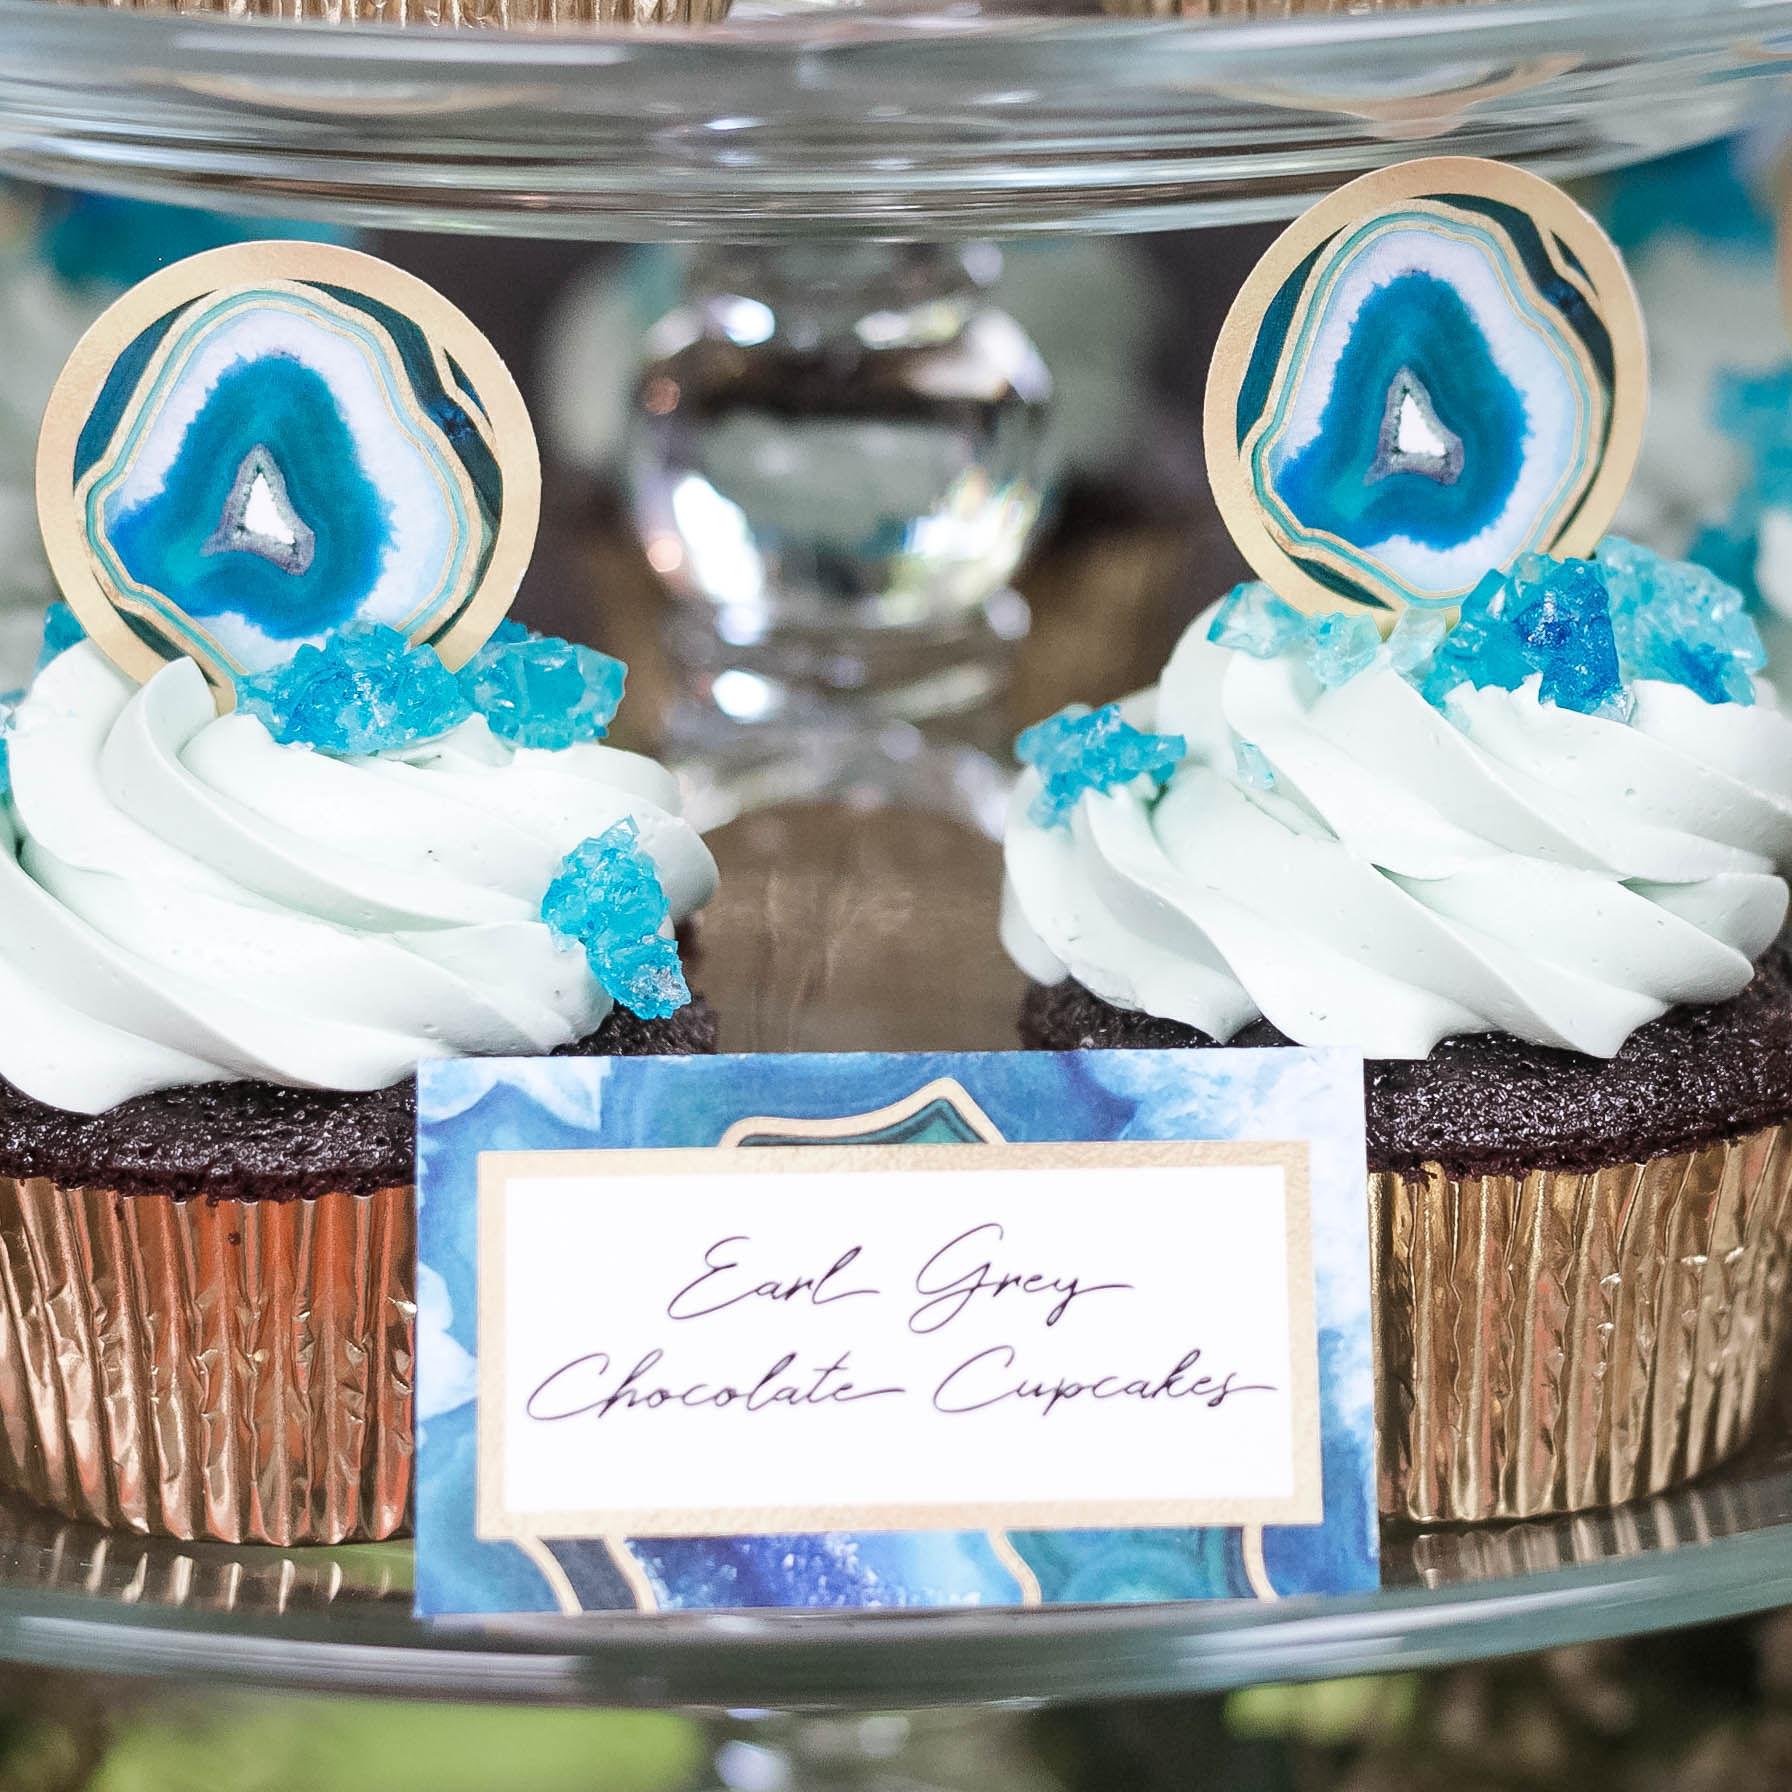 Cupcake_image2.jpg